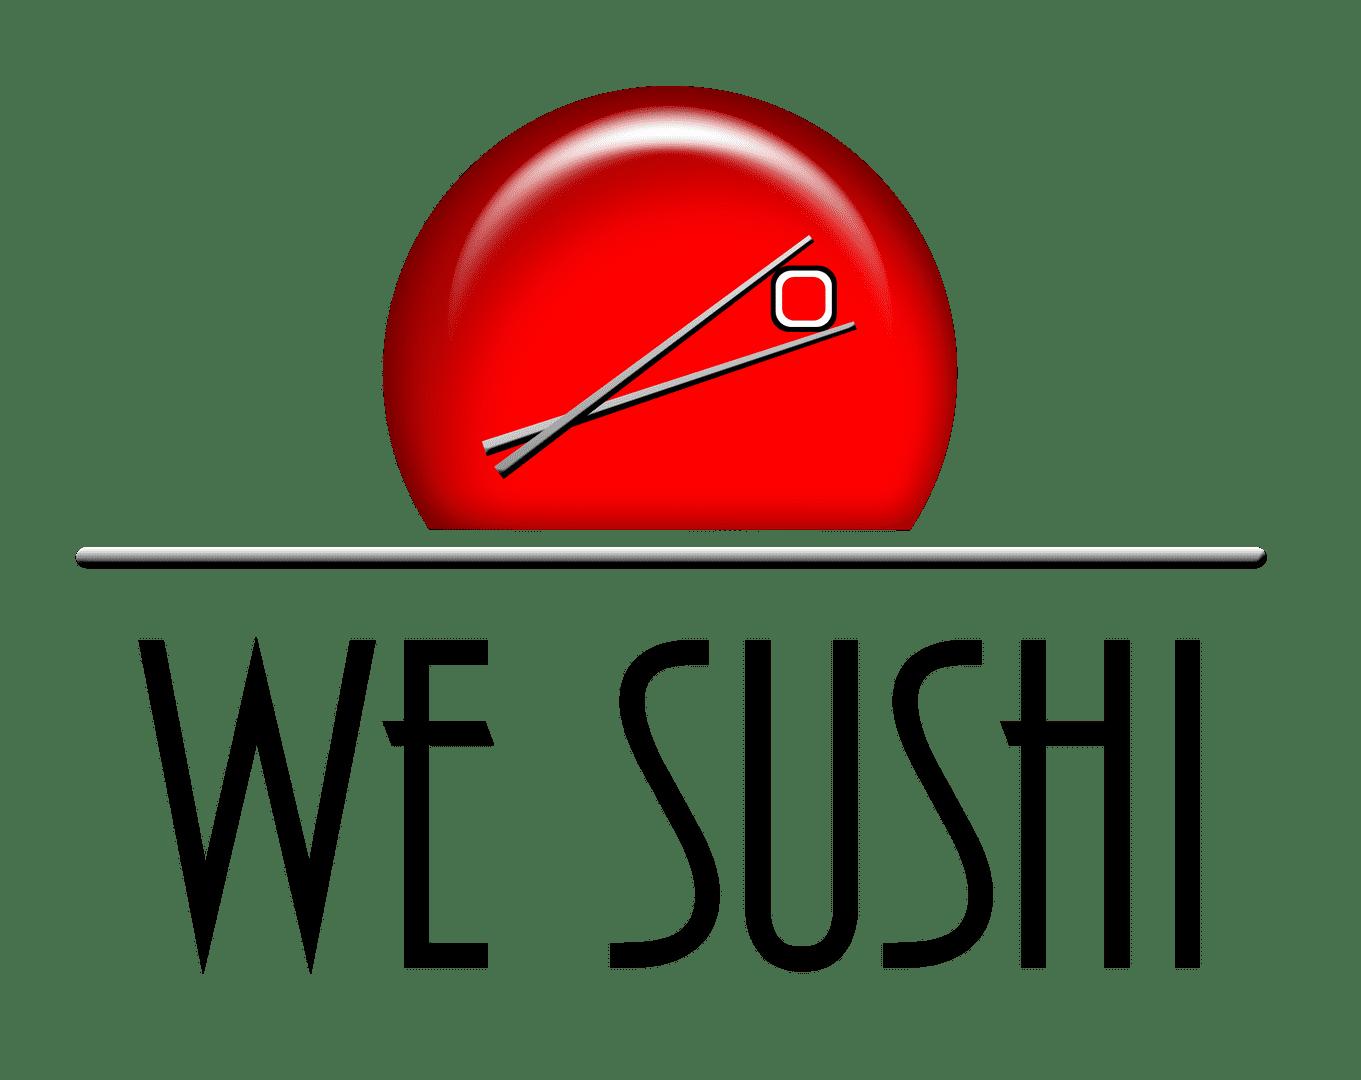 We Sushi image